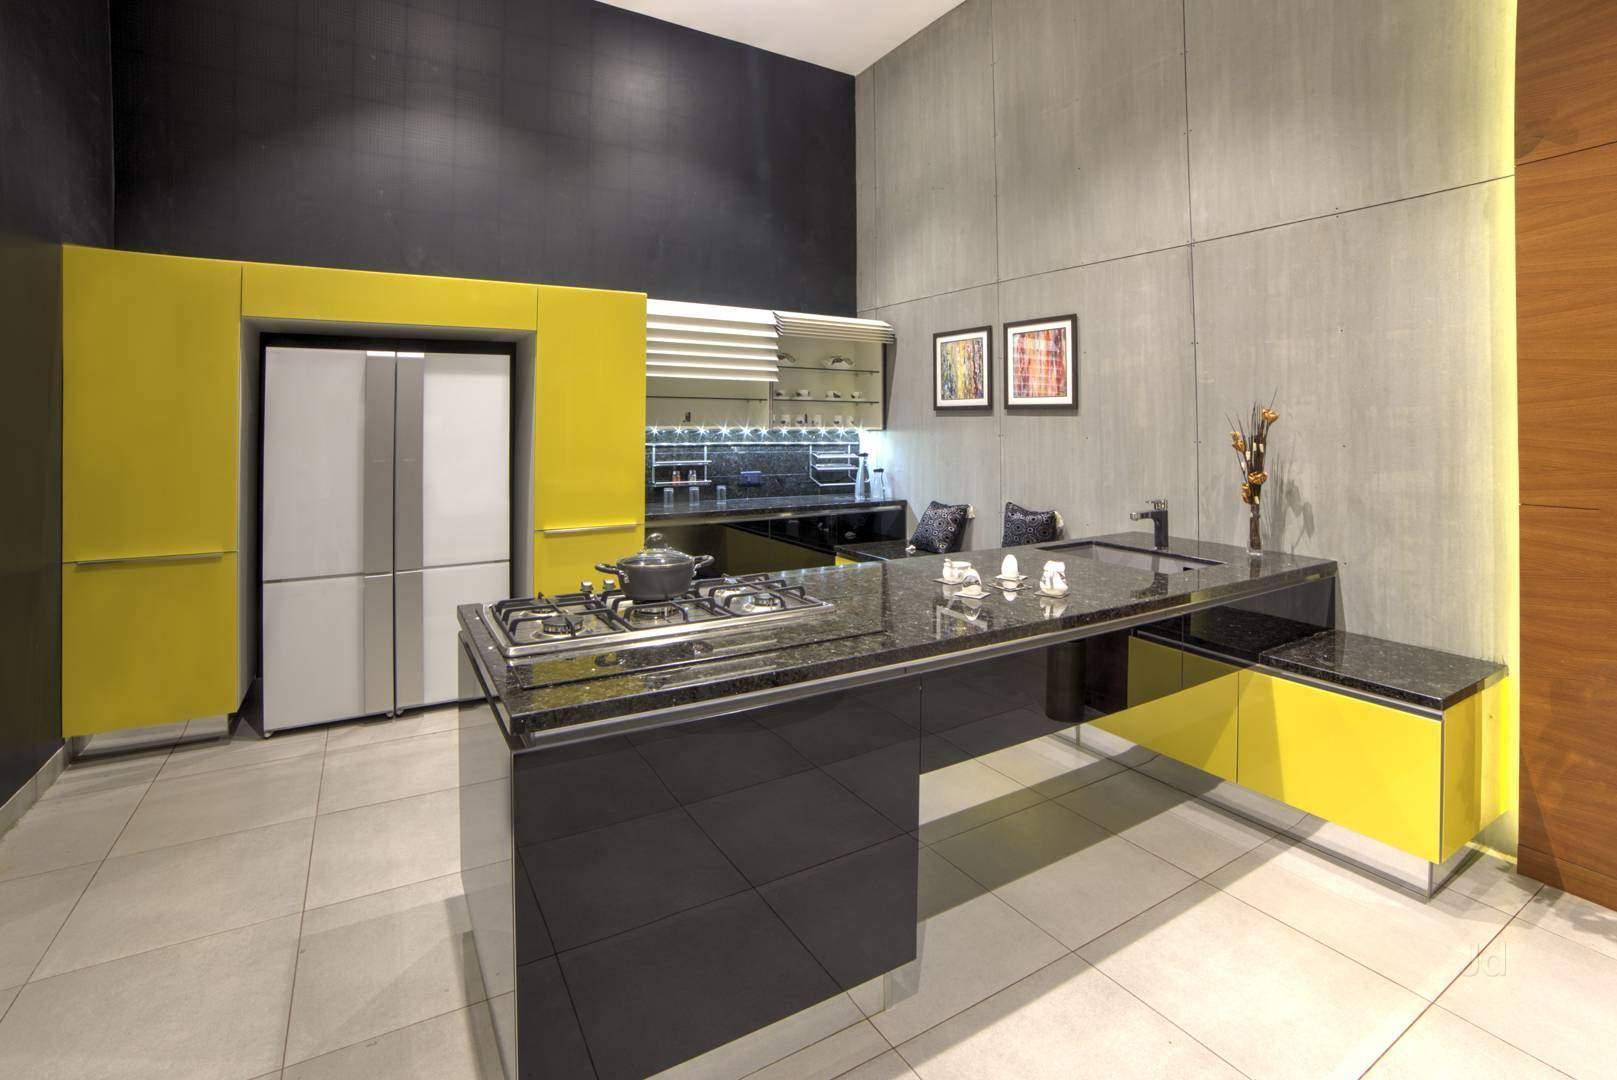 Tolle Küche Ort Newington Nh Zeitgenössisch - Küchen Design Ideen ...